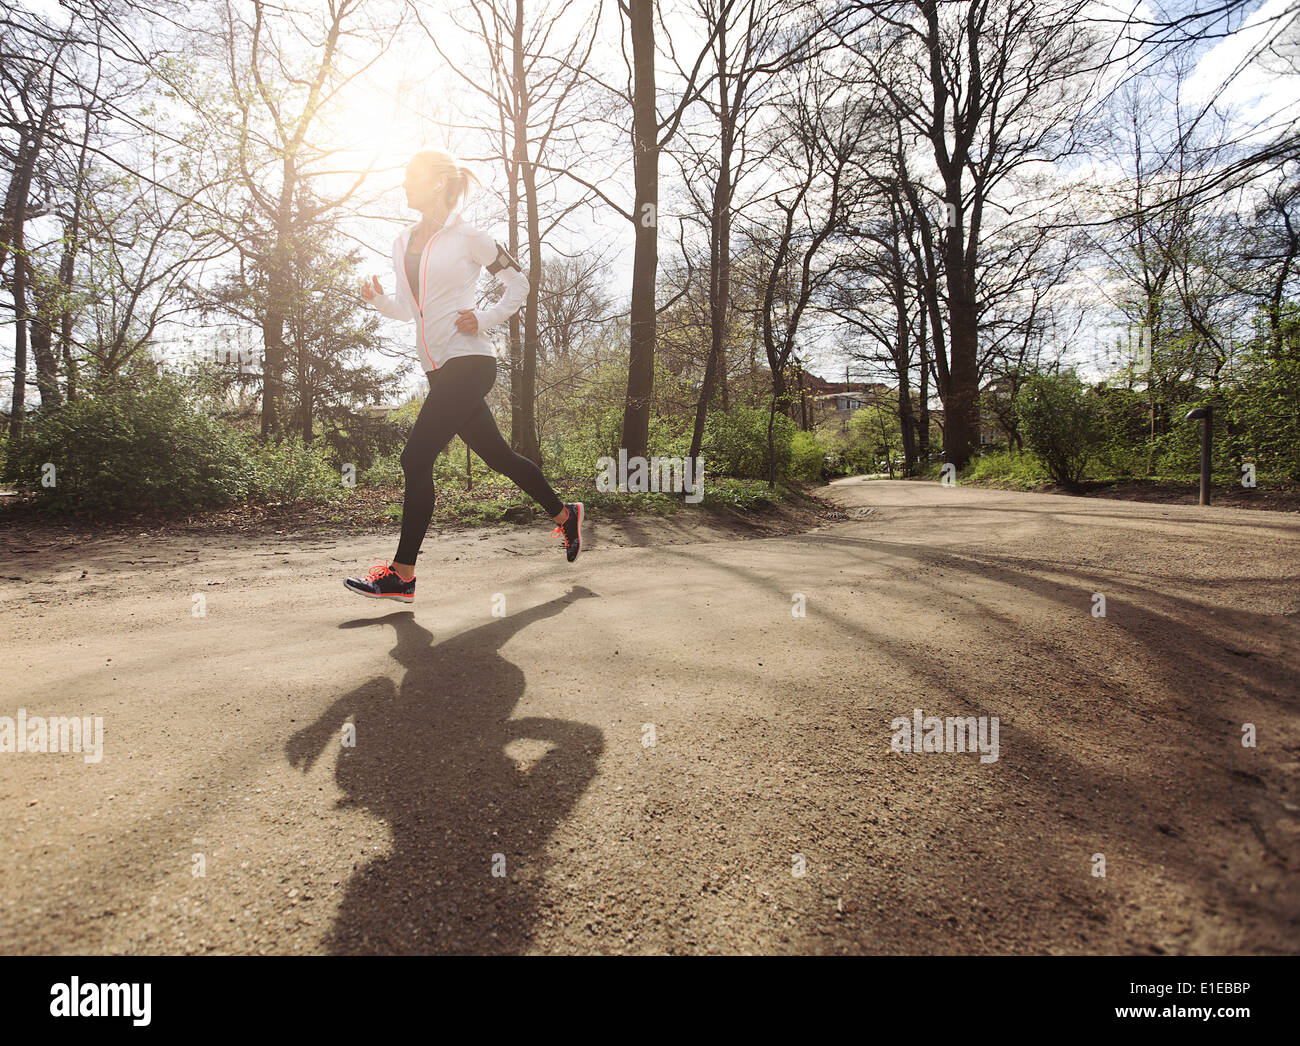 Sano giovane donna fare jogging nel parco. Fitness modello femminile in esecuzione nella foresta. Caucasica modello fitness esercizio all'esterno. Immagini Stock